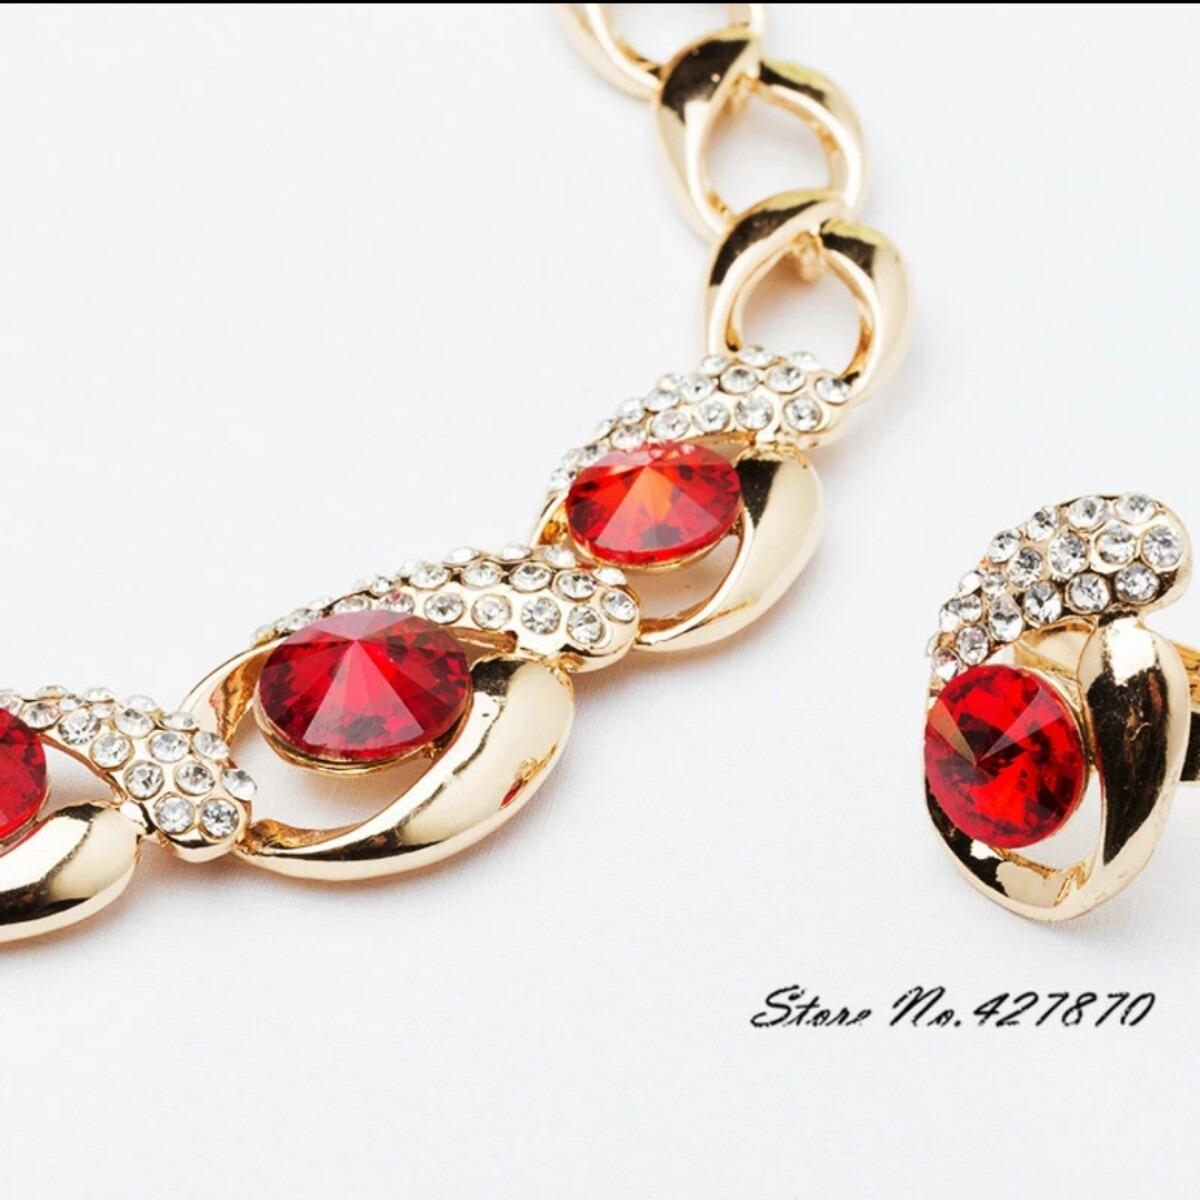 31424d88aed8 juego de collar oro 18k + pendientes + pulsera + anillo. Cargando zoom.